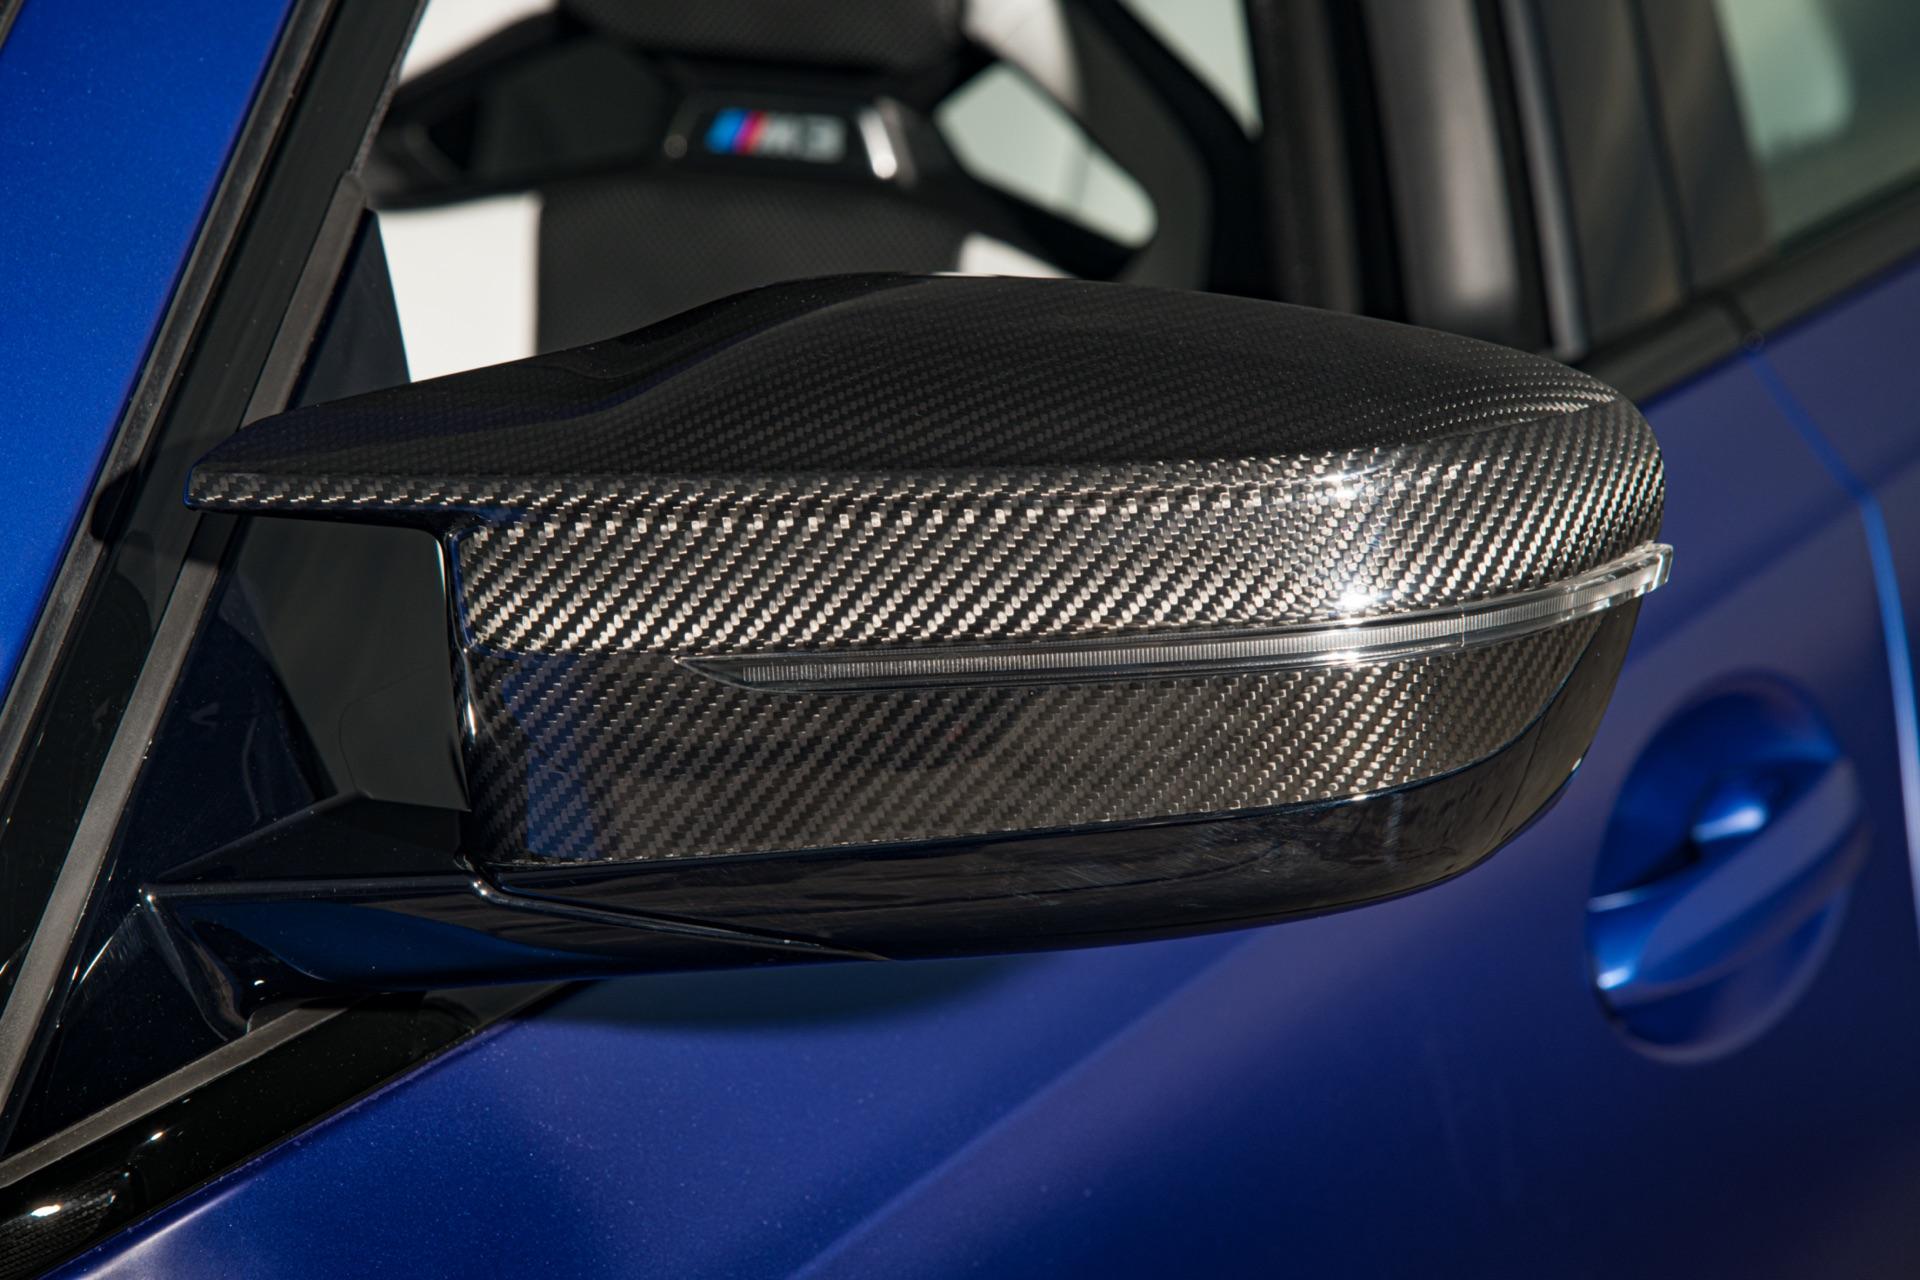 2022 BMW M3 carbon mirror caps